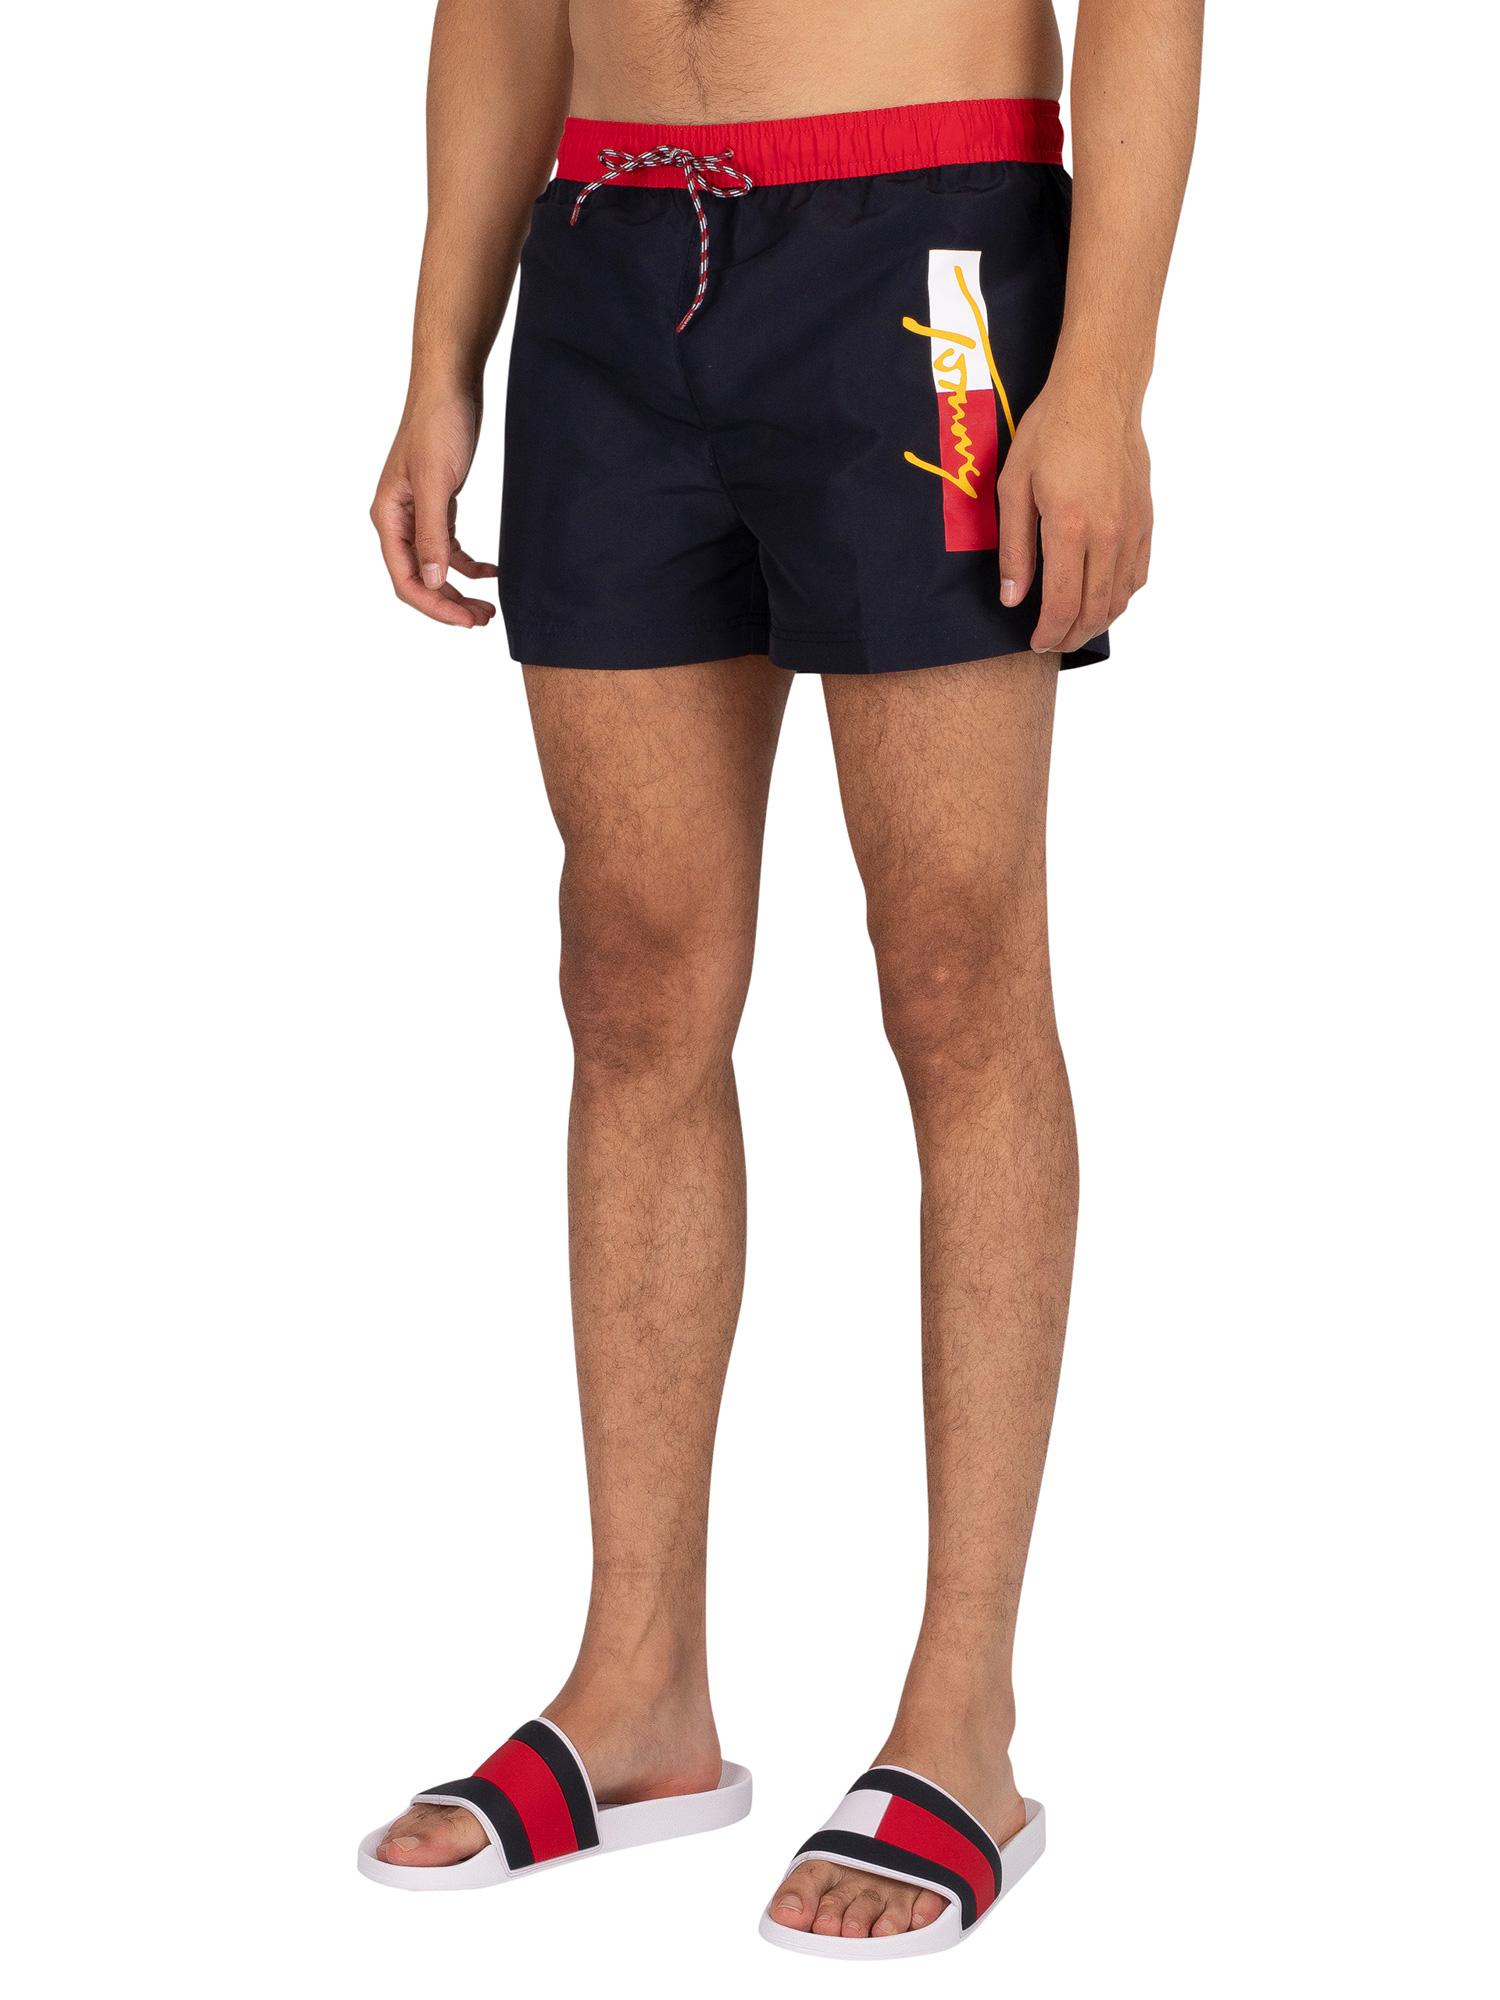 Short Drawstring Swim Shorts